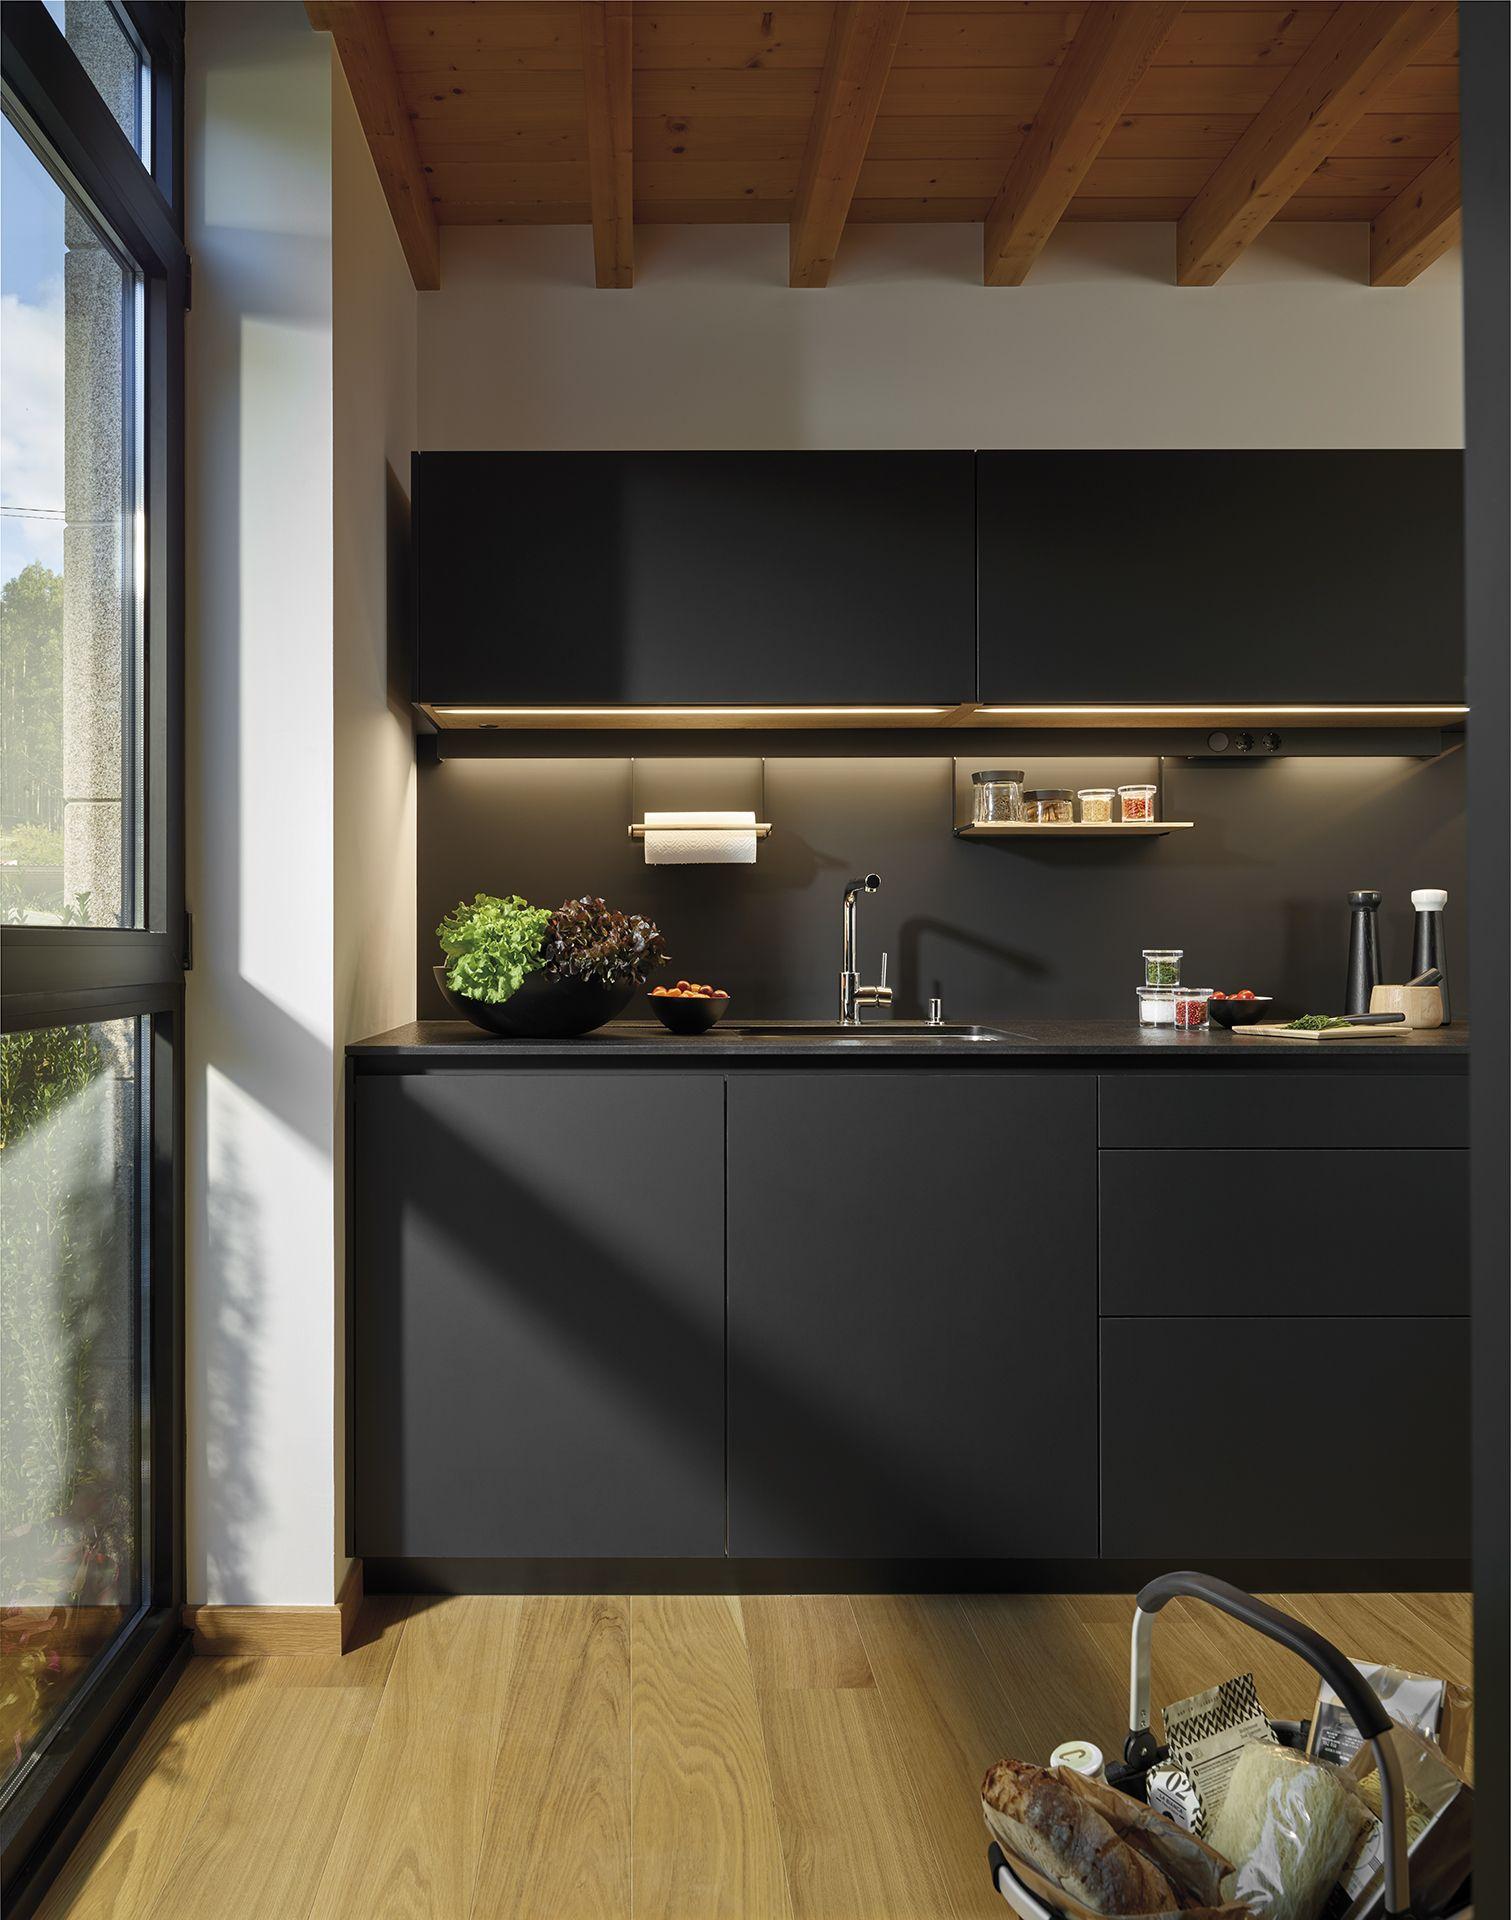 Cocina en negro, un toque elegante y moderno. | Kitchen | Pinterest ...